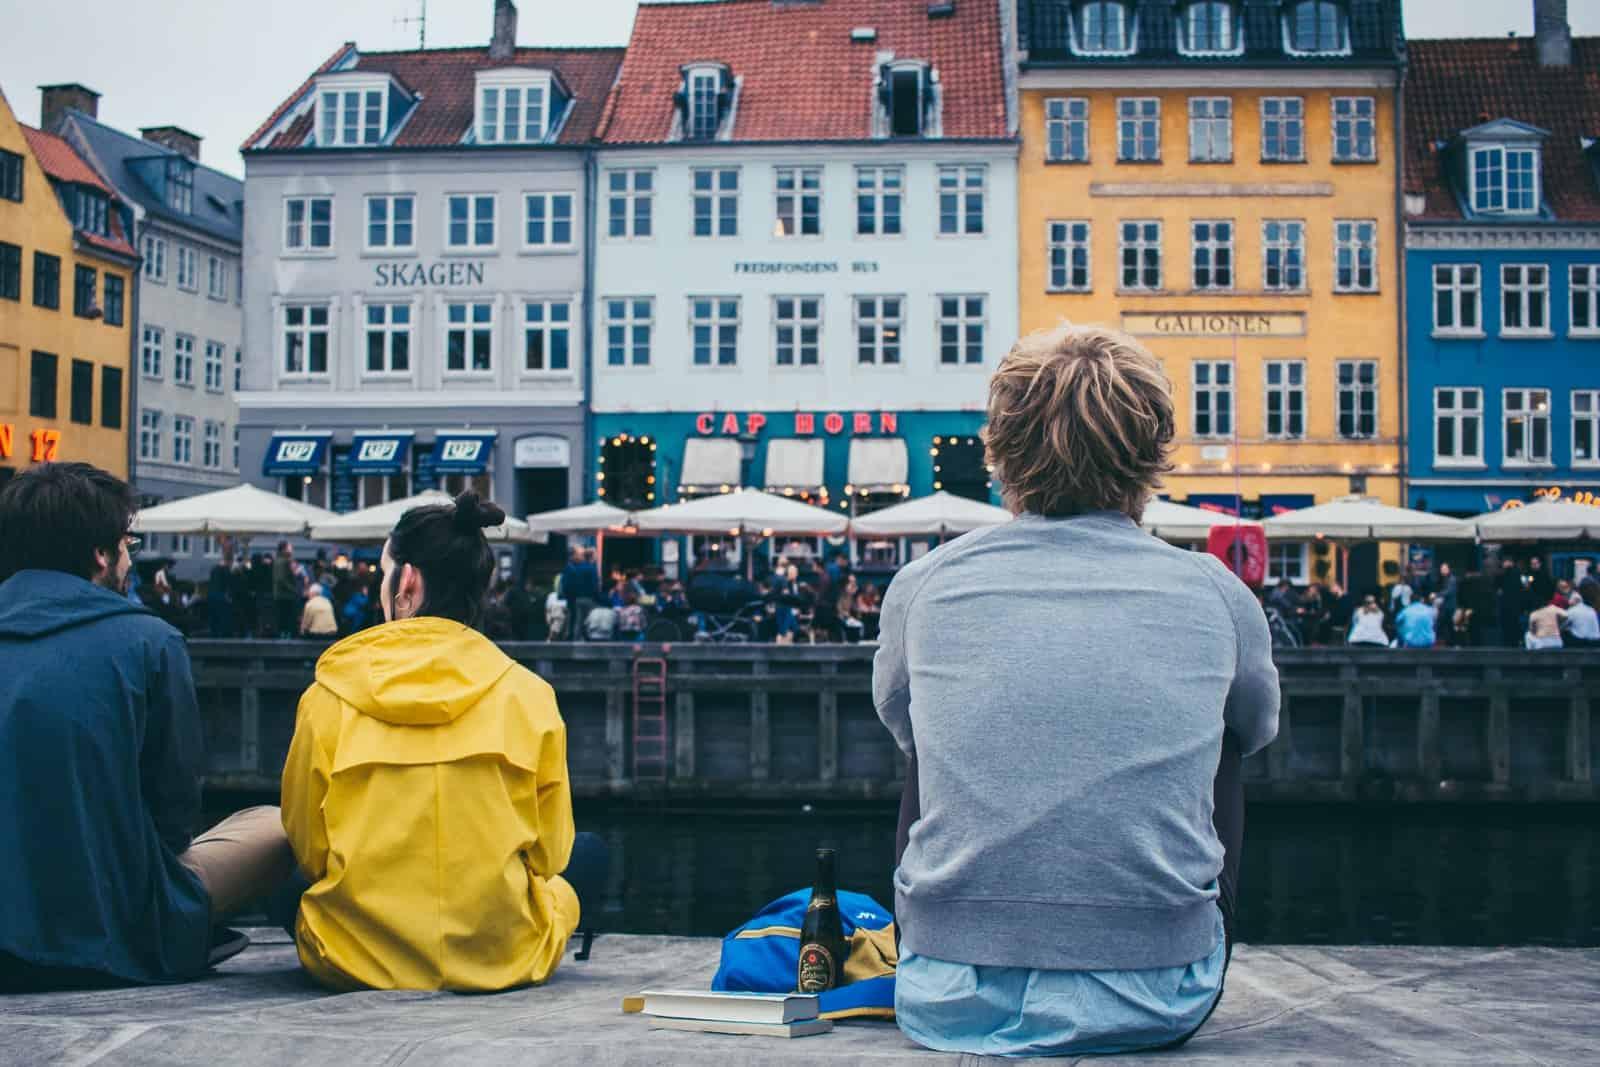 Dänemark Kopenhagen 6 Tage Urlaub Kurzreise